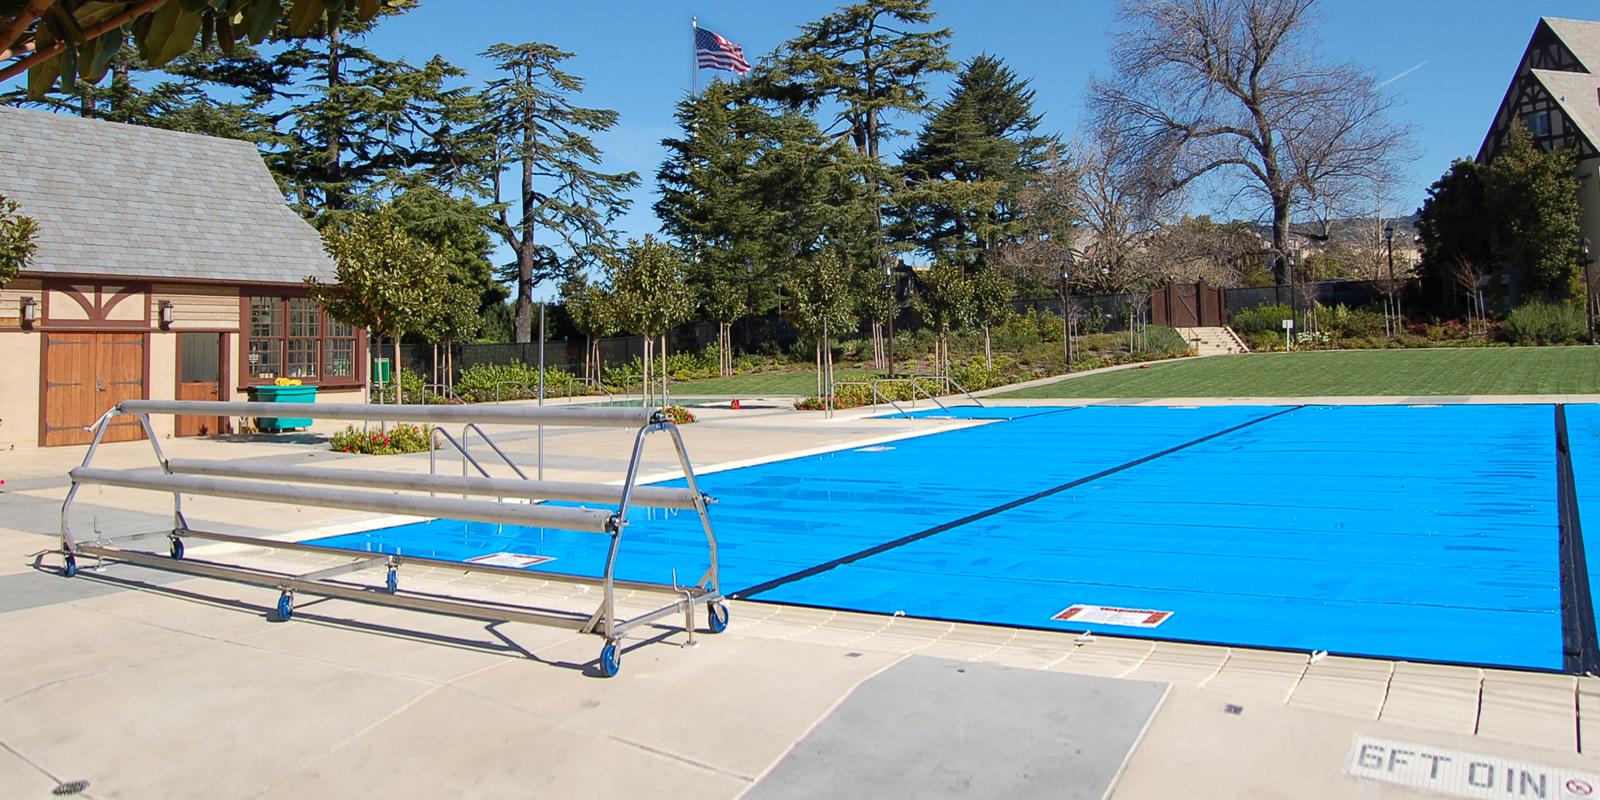 EnergySaver Standard Thermal Pool Cover